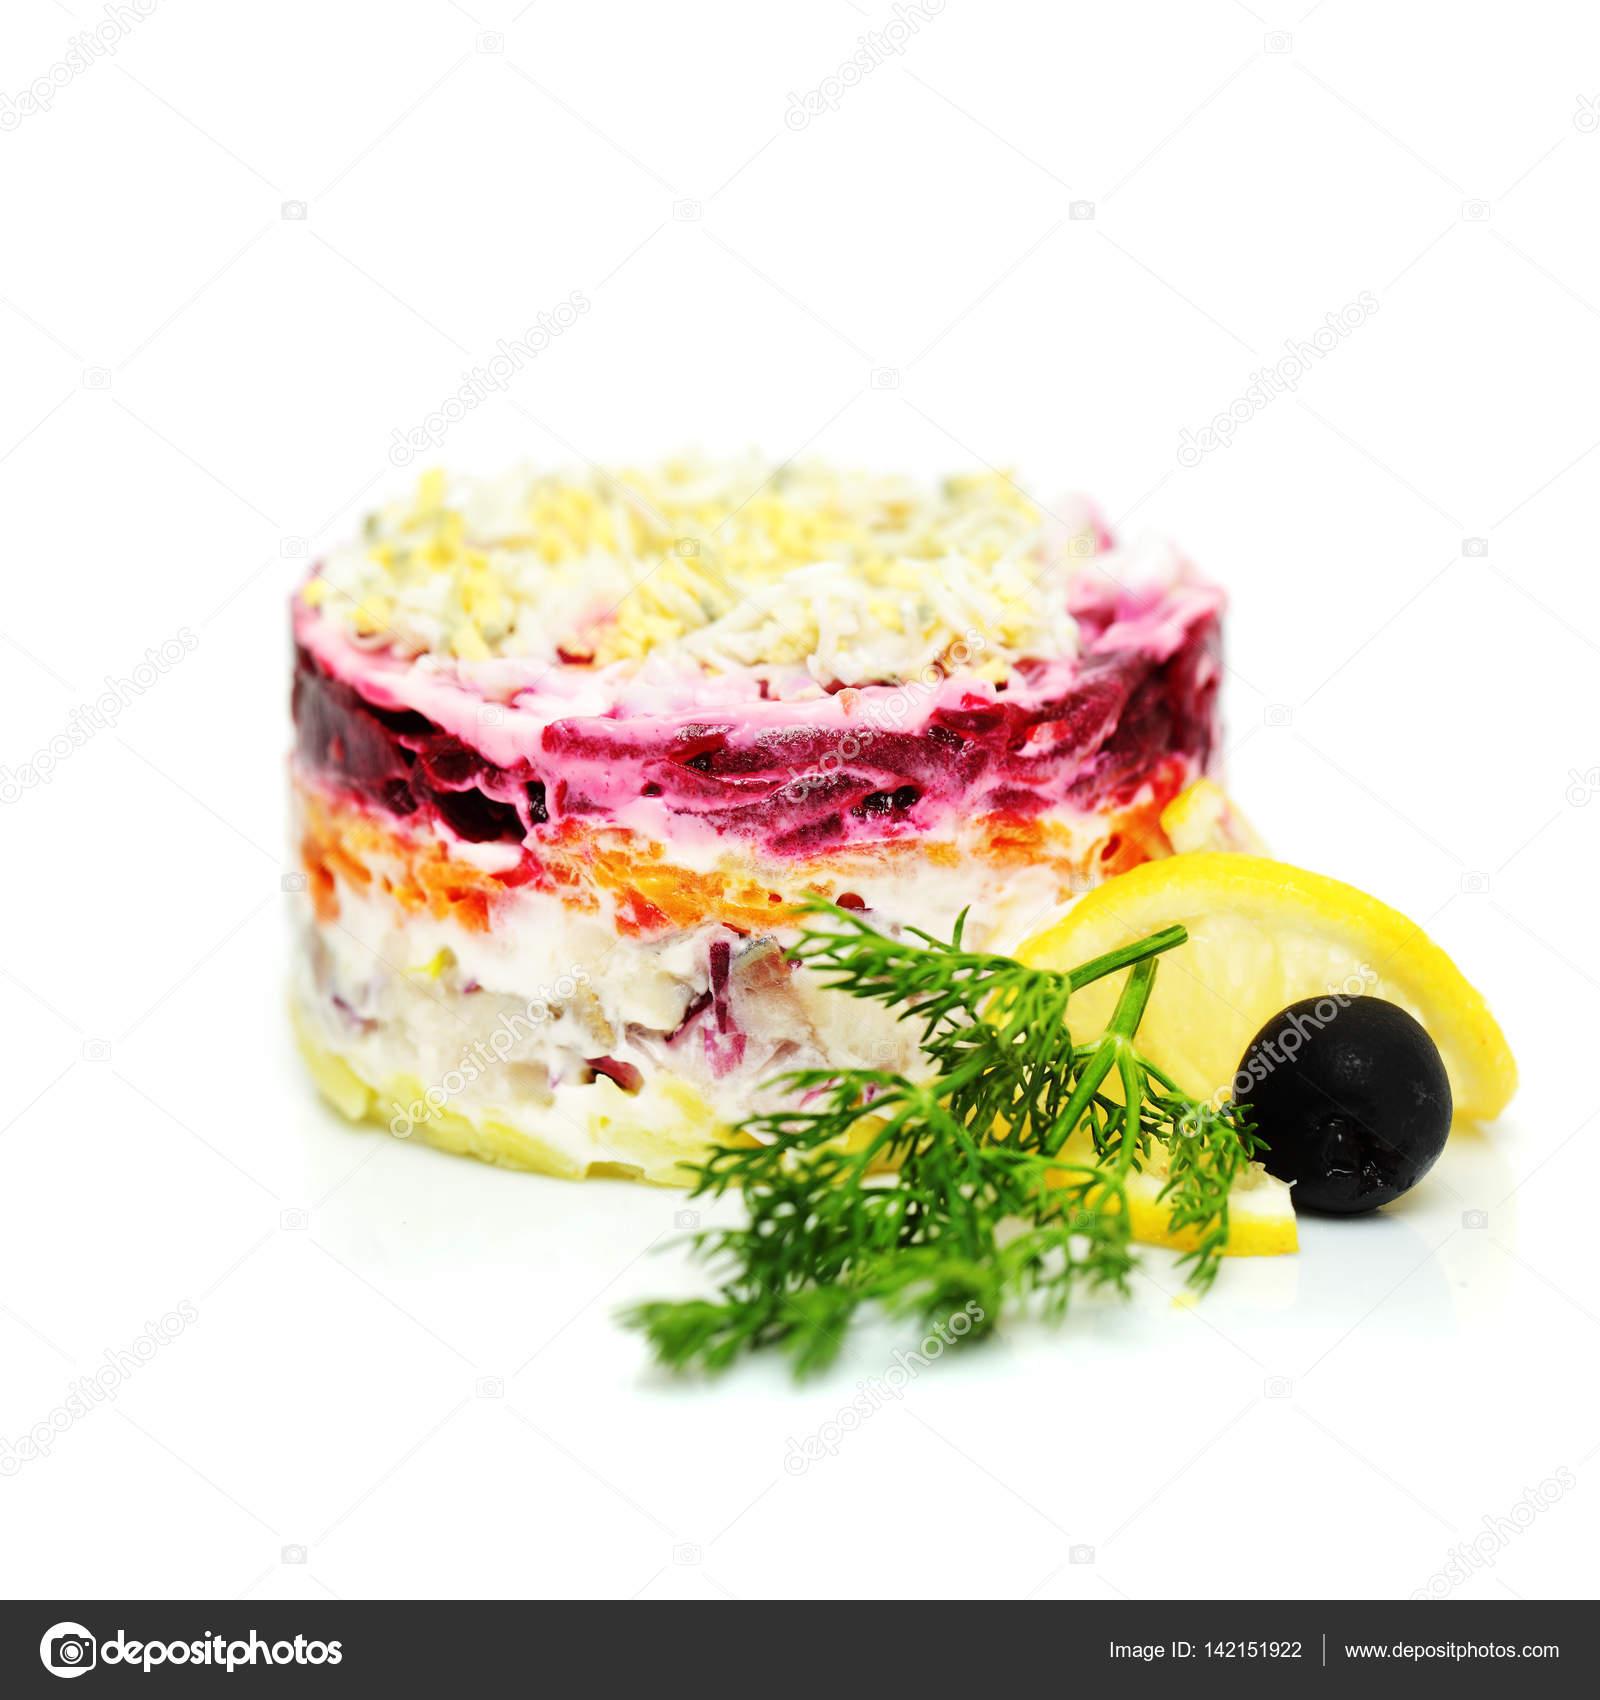 Salade de la cuisine traditionnelle russe hareng habill sous le manteau photographie - Cuisine traditionnelle russe ...